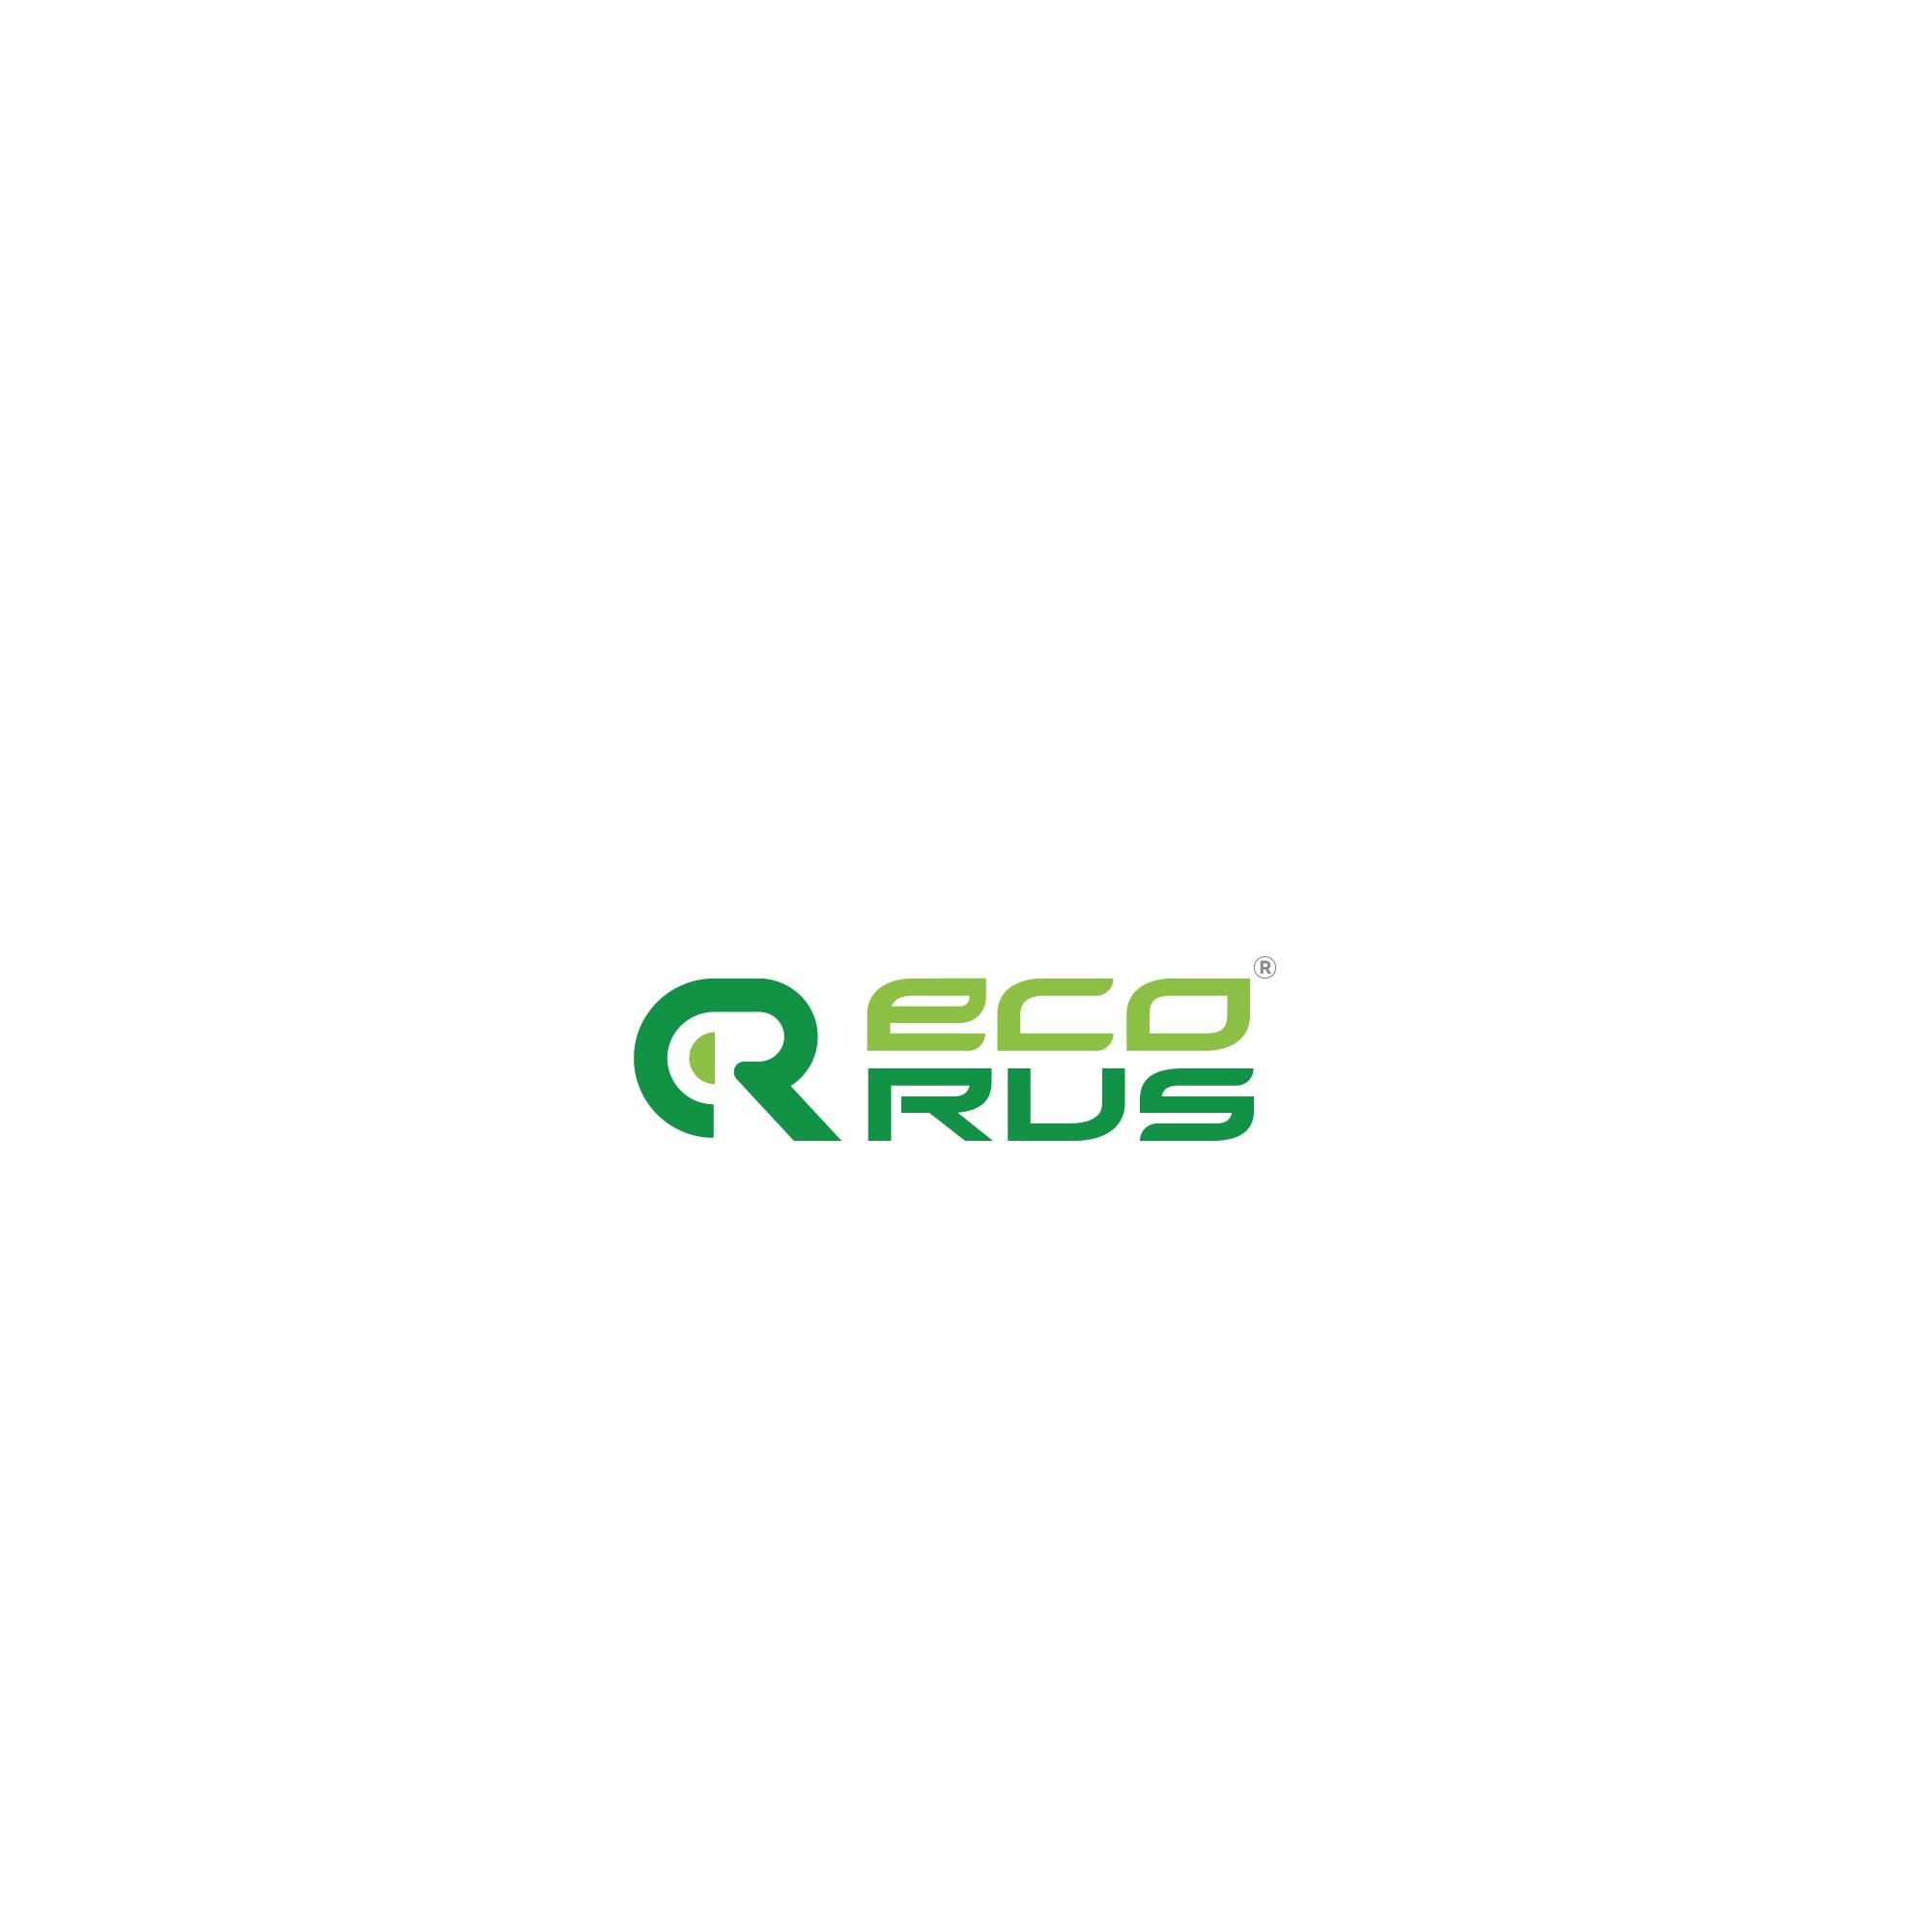 Логотип для поставщика продуктов питания из России в Китай фото f_6785ea7085652ba4.jpg